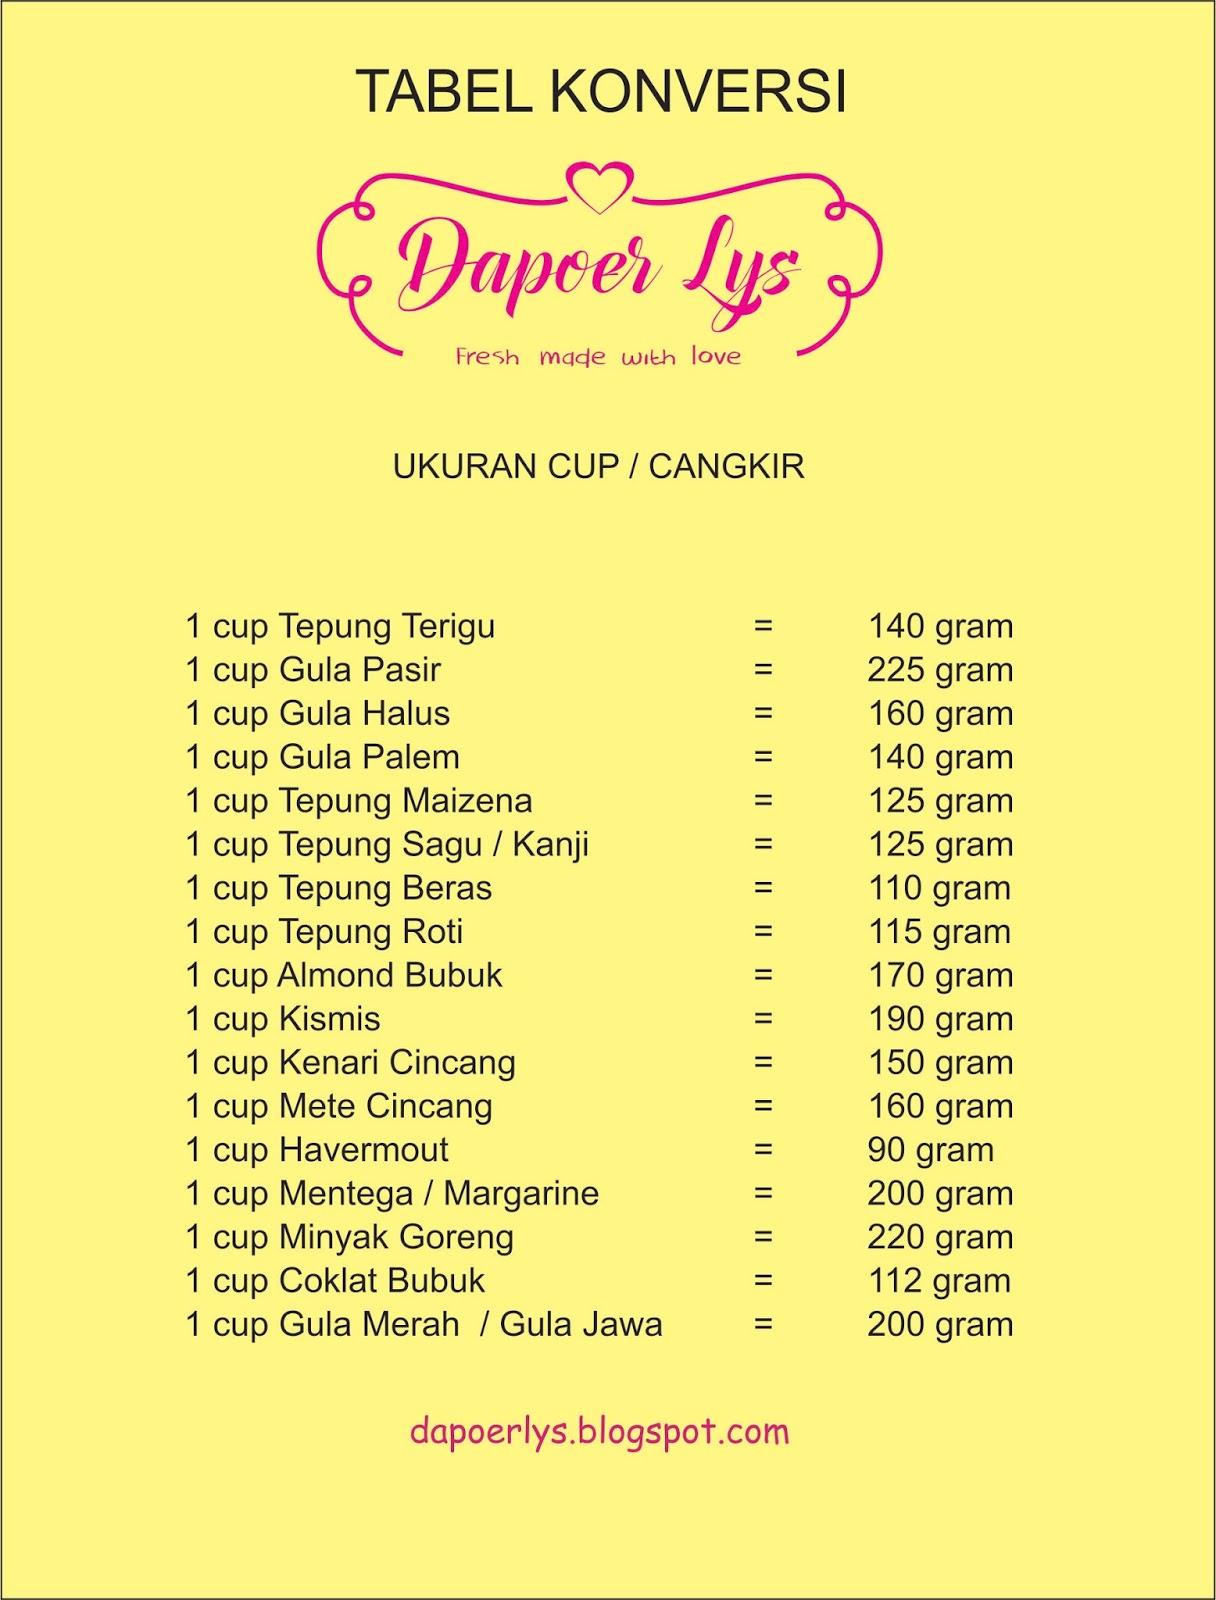 150 Gram Berapa Gelas : berapa, gelas, Dapur, Konversi, Timbangan,, Temperatur, Istilah, Dalam, Resep